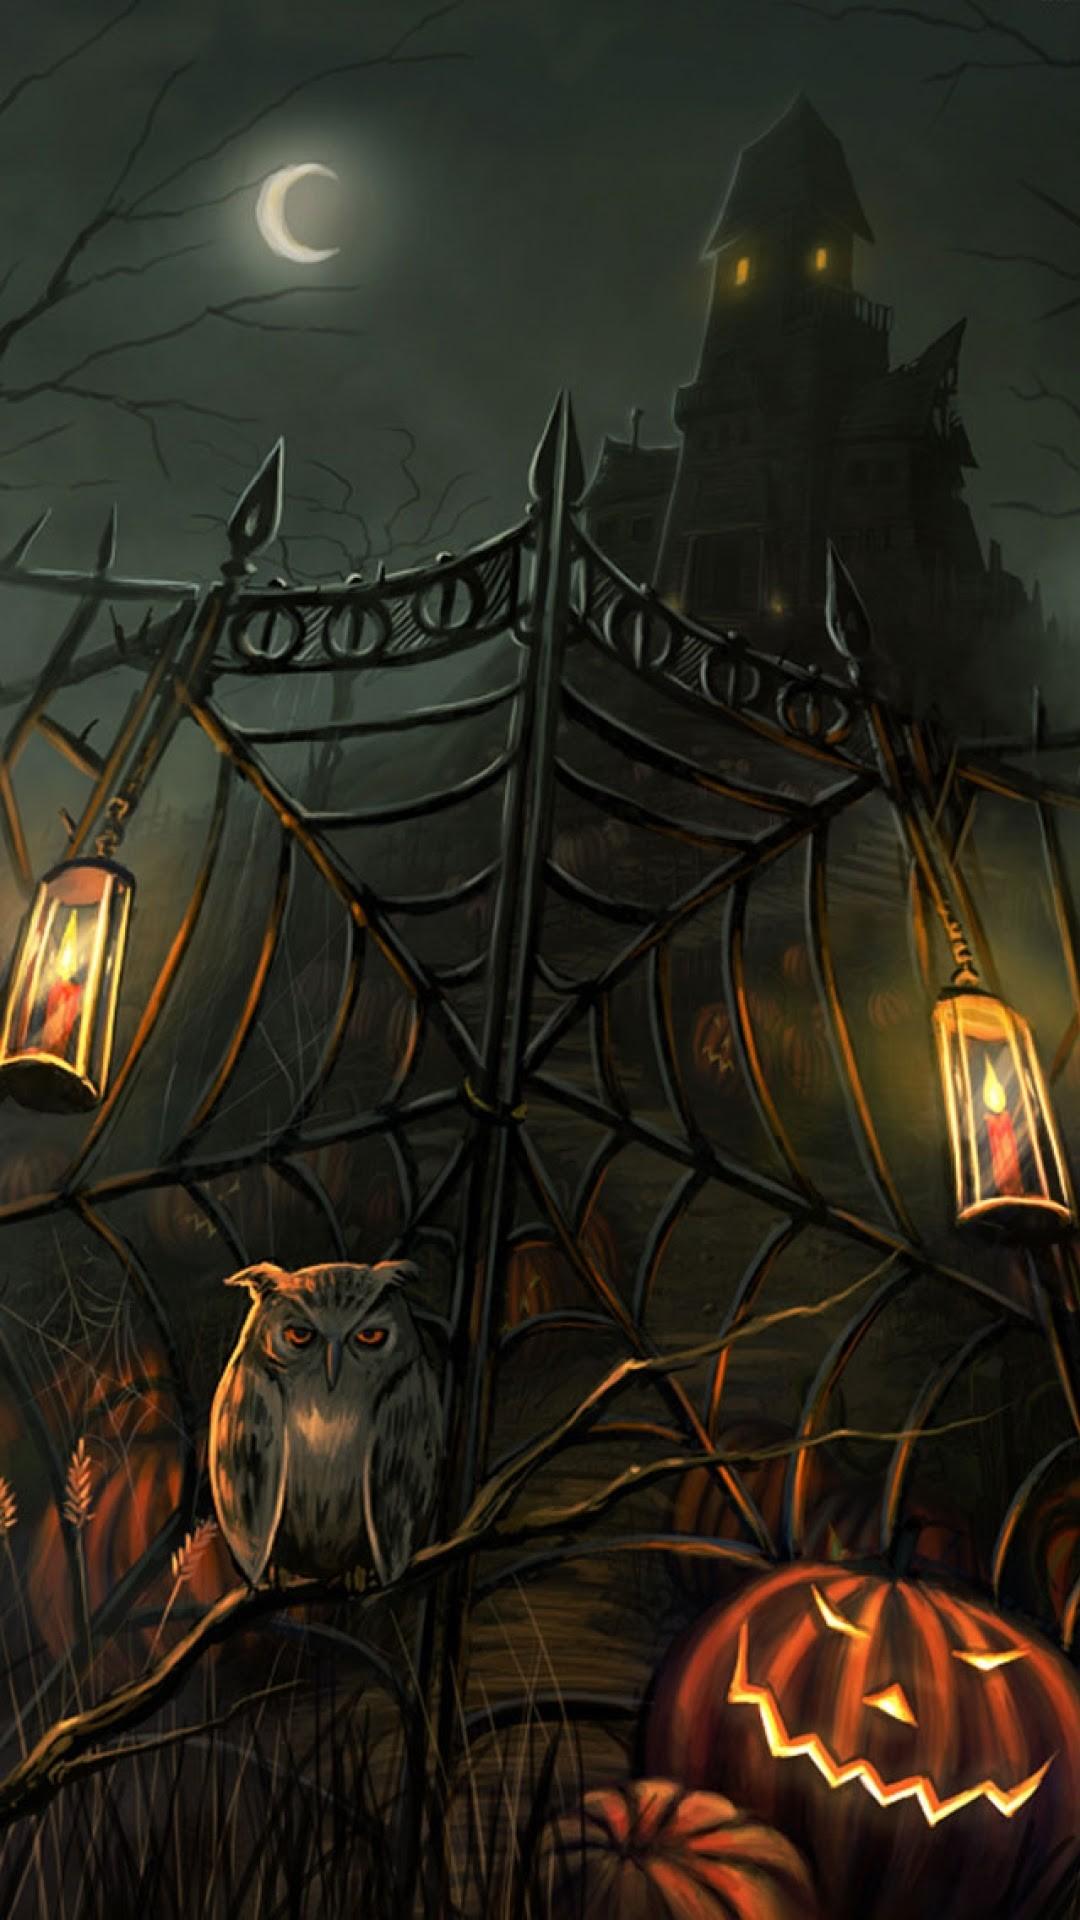 Halloween Haunted House Wallpaper Download